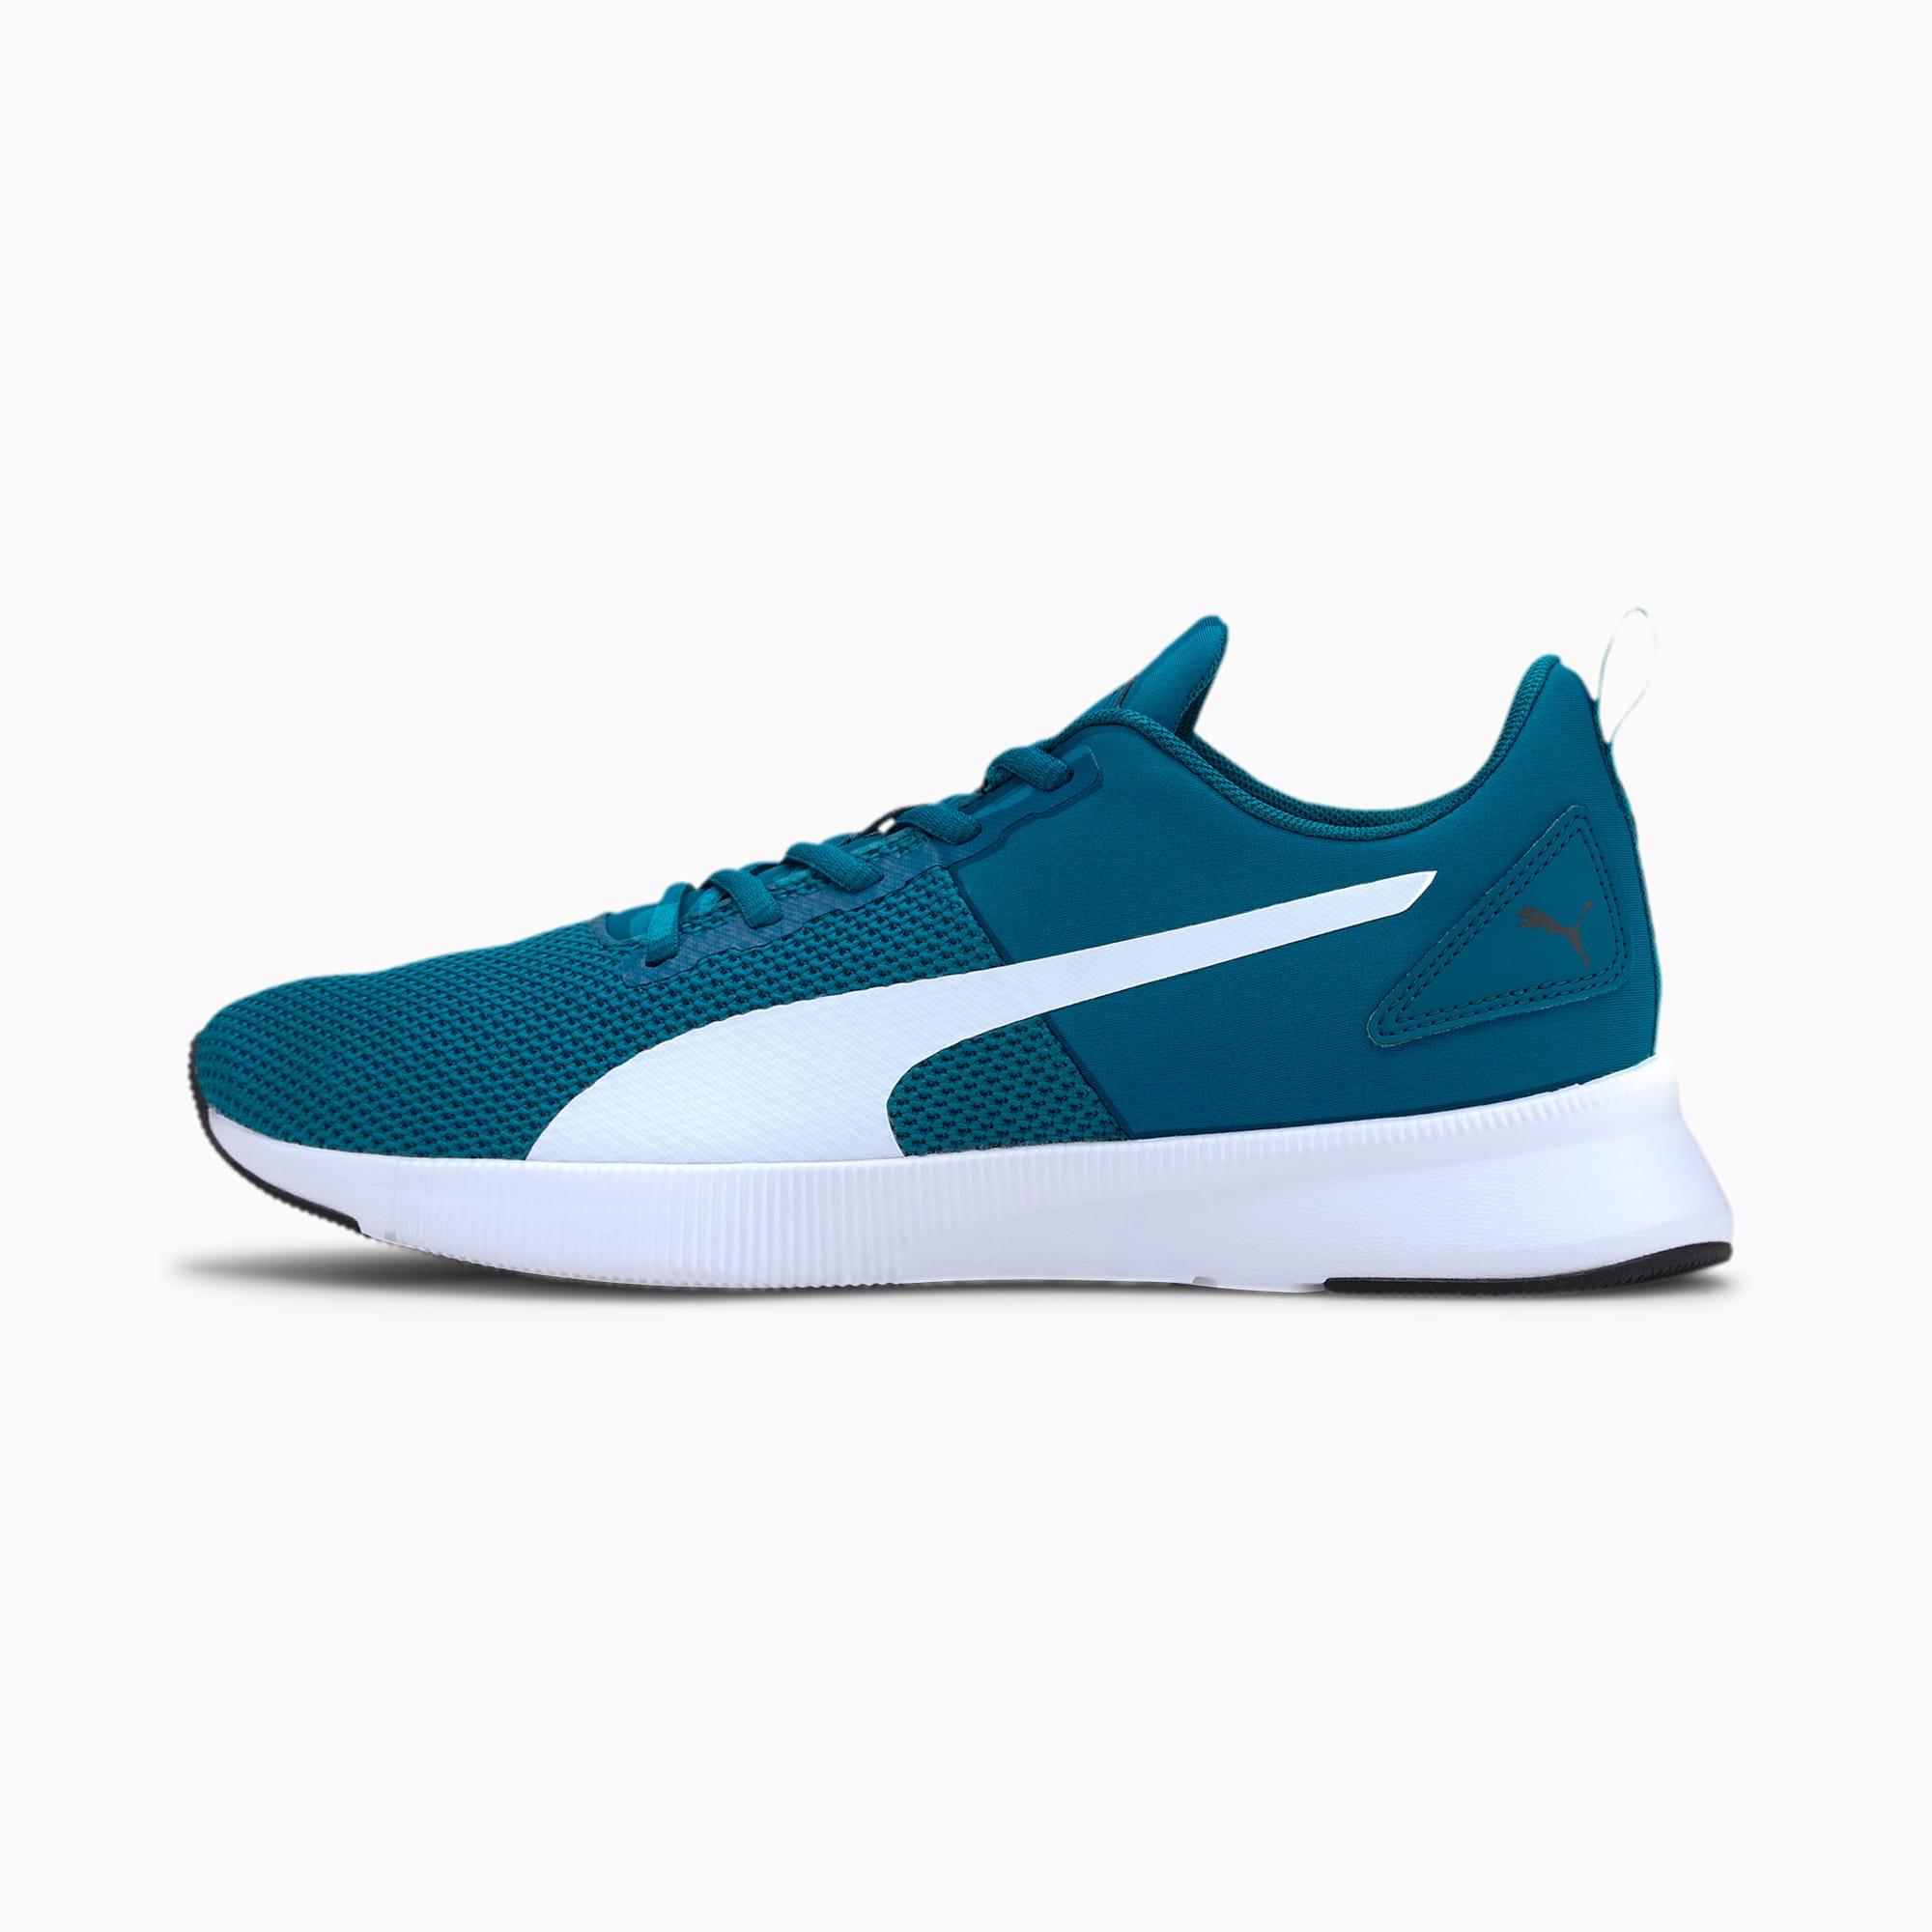 PUMA Chaussure de course Flyer Runner, Blanc/Bleu, Taille 35.5, Chaussures